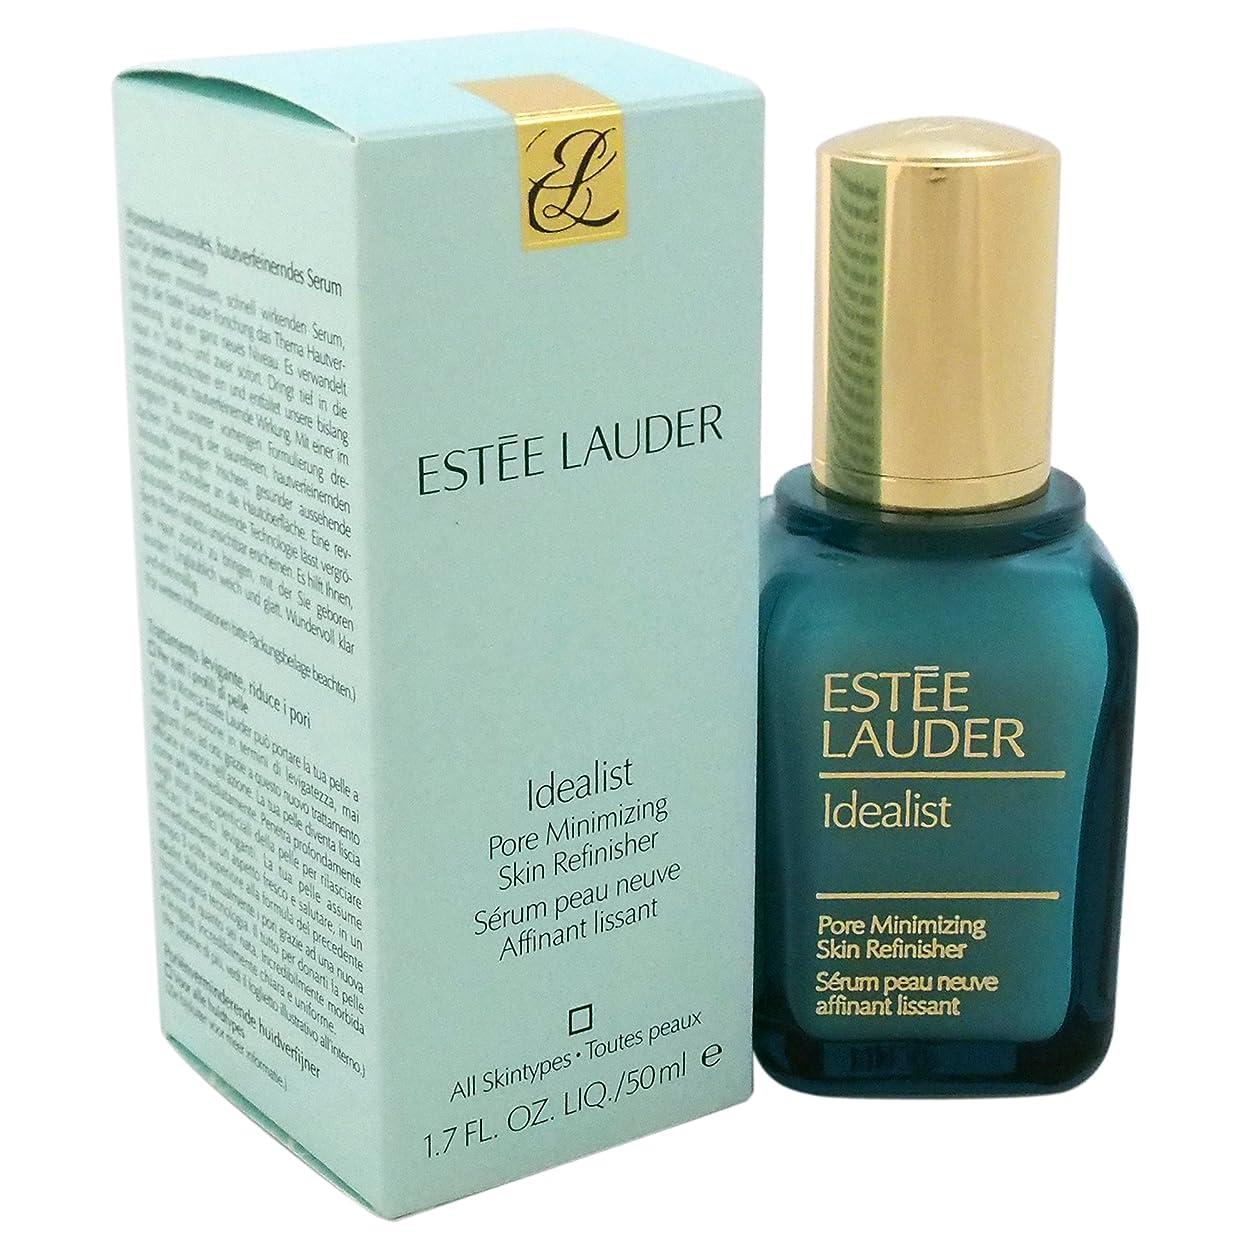 リード取り除く暴力的なEstee Lauder Idealist Pore Minimizing Skin Refinisher 50ml [並行輸入品]